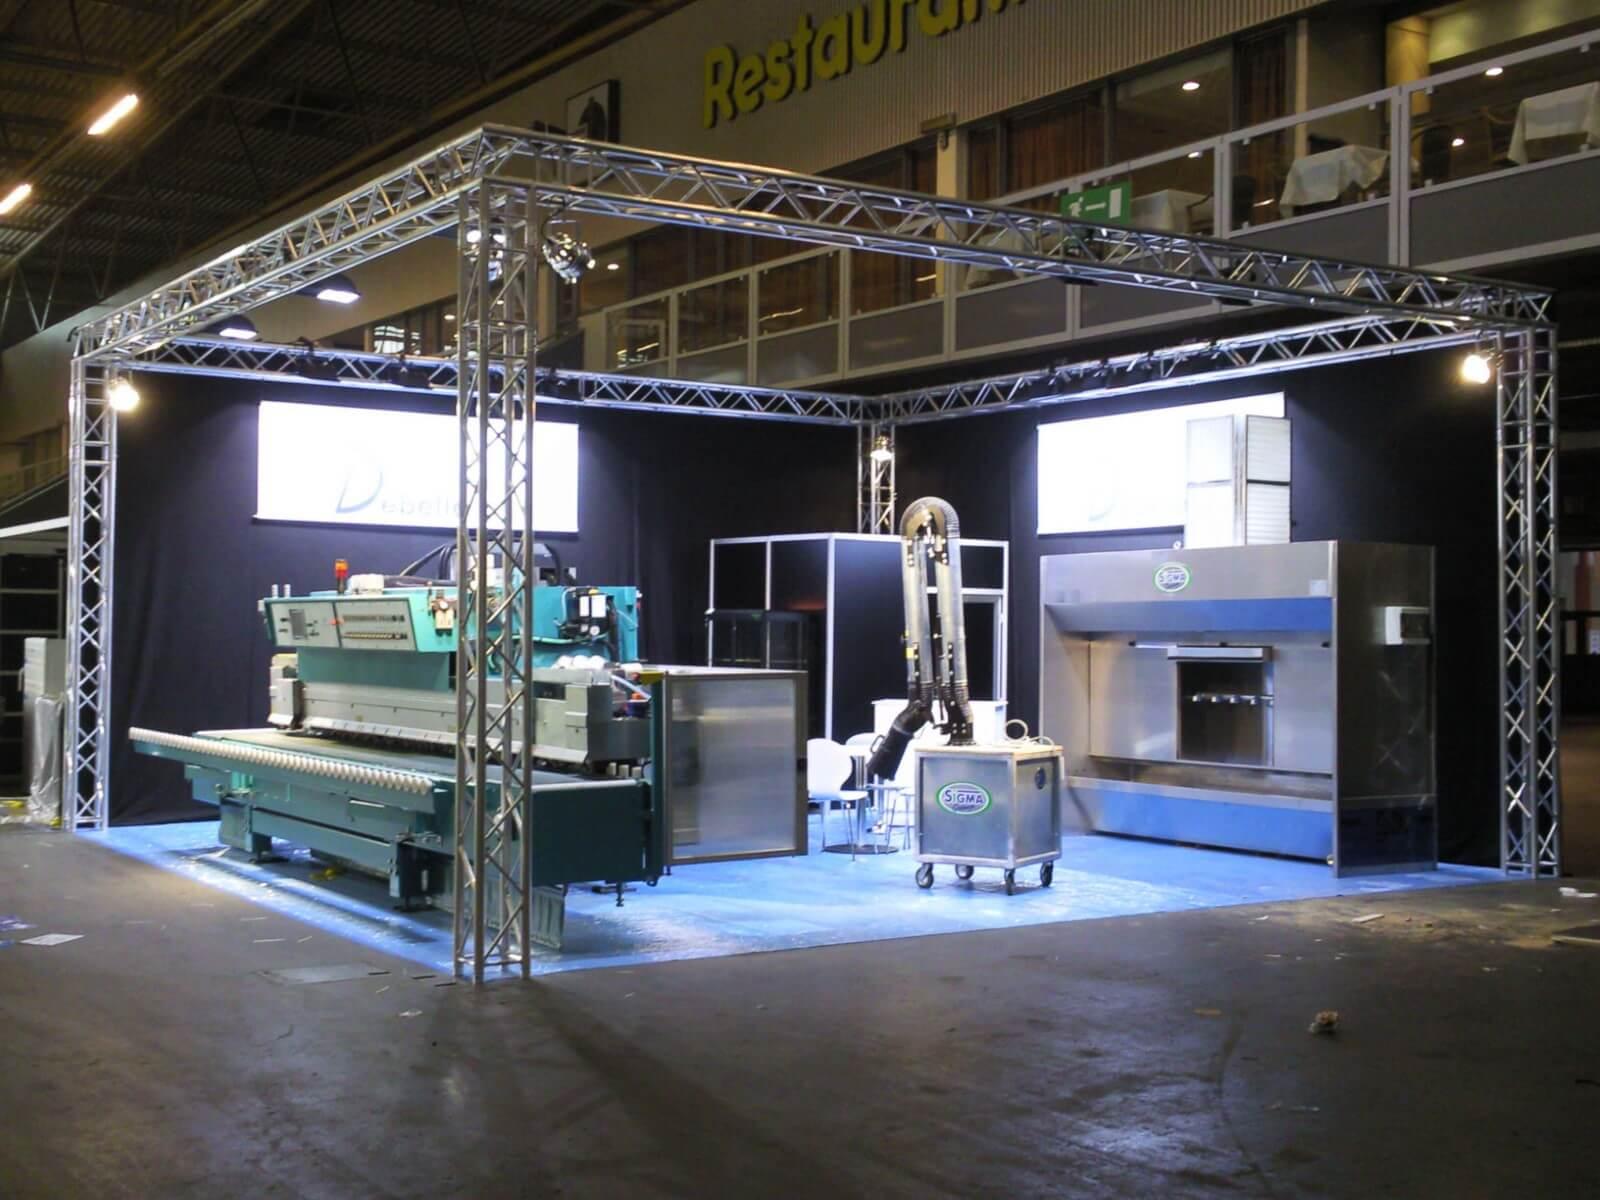 Industriële look van een beursstand met truss gebouwd voor machines | © www.Expopoint.be